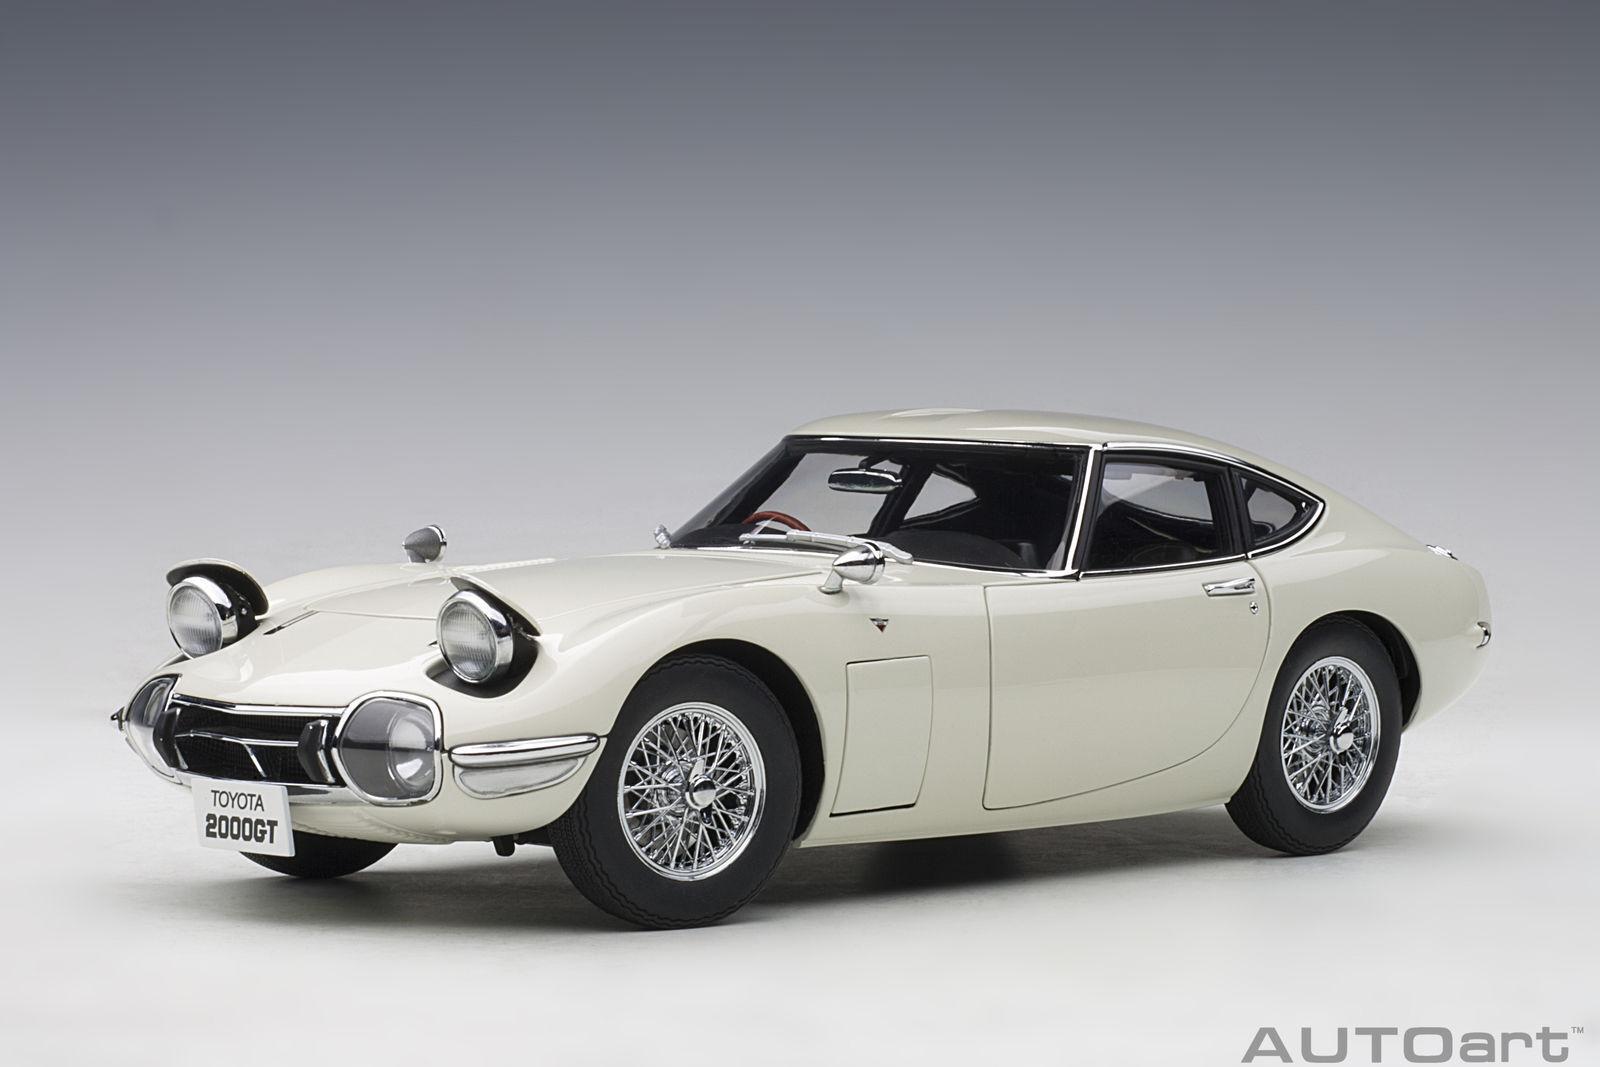 1 18 bilkonst leksakota 2000GT -kupa 1965 (hjul med vit  trådinlägg)